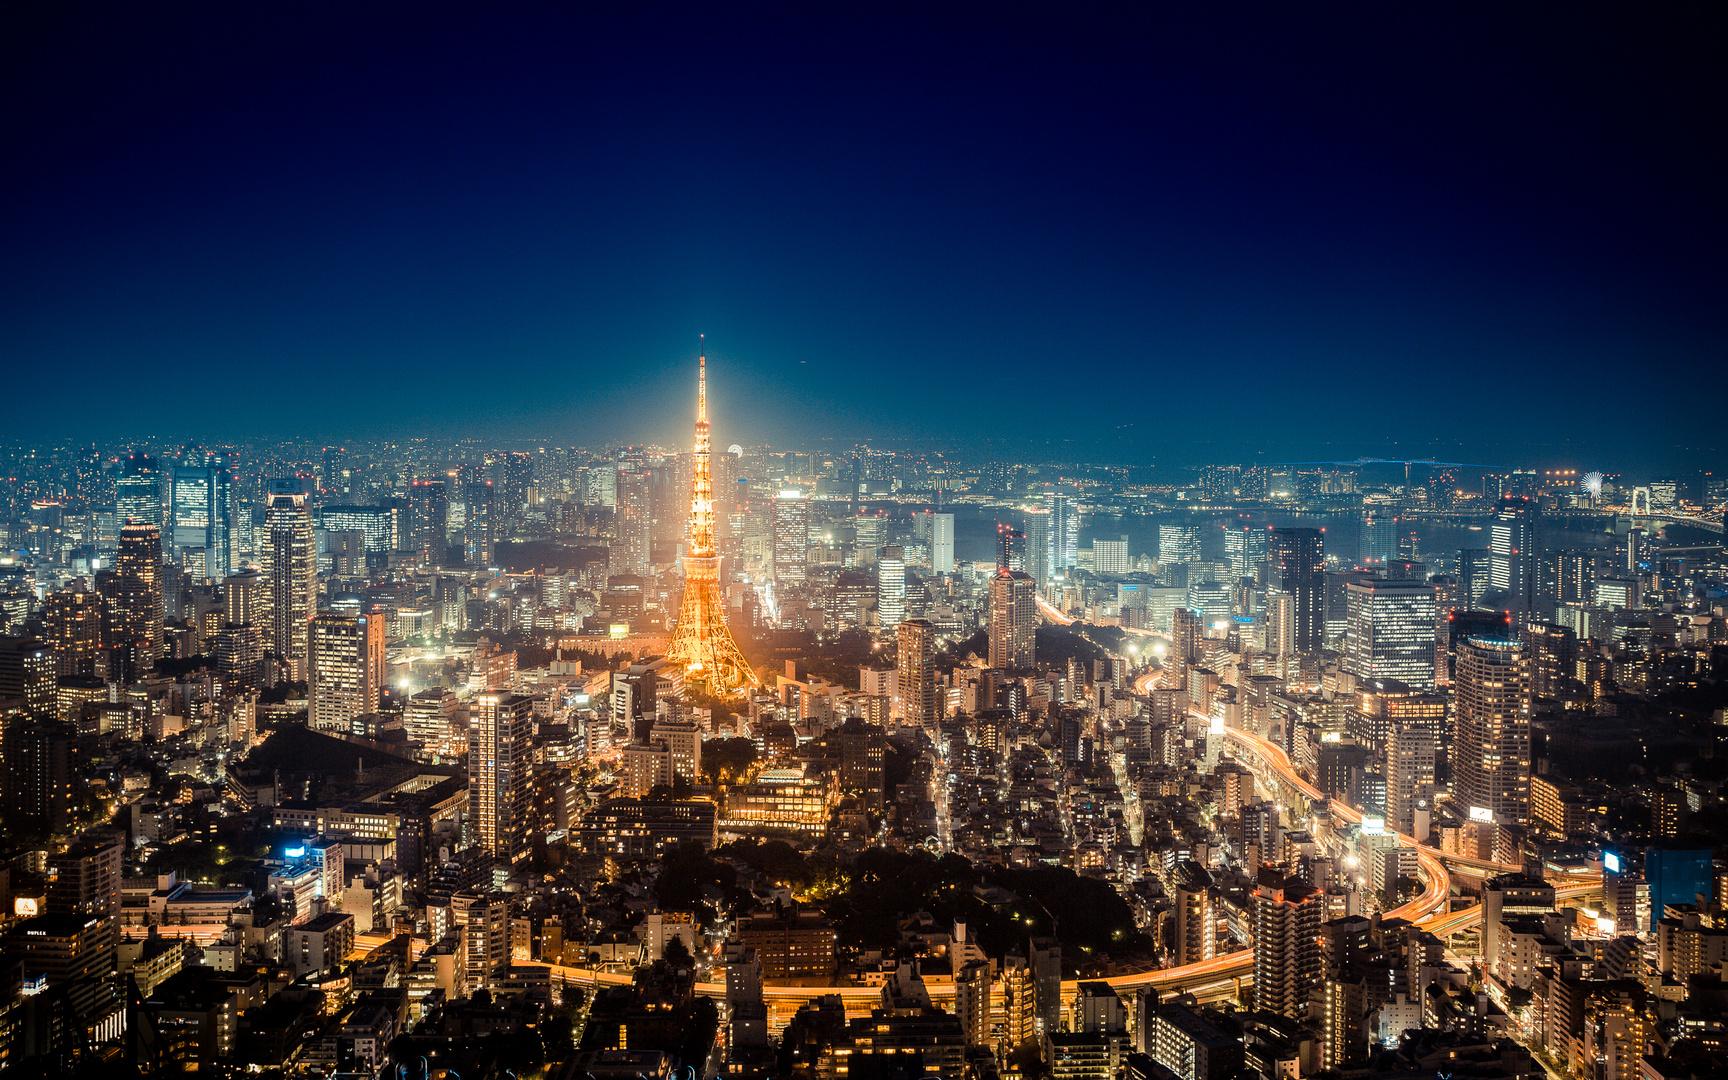 Nächtliches Tokio